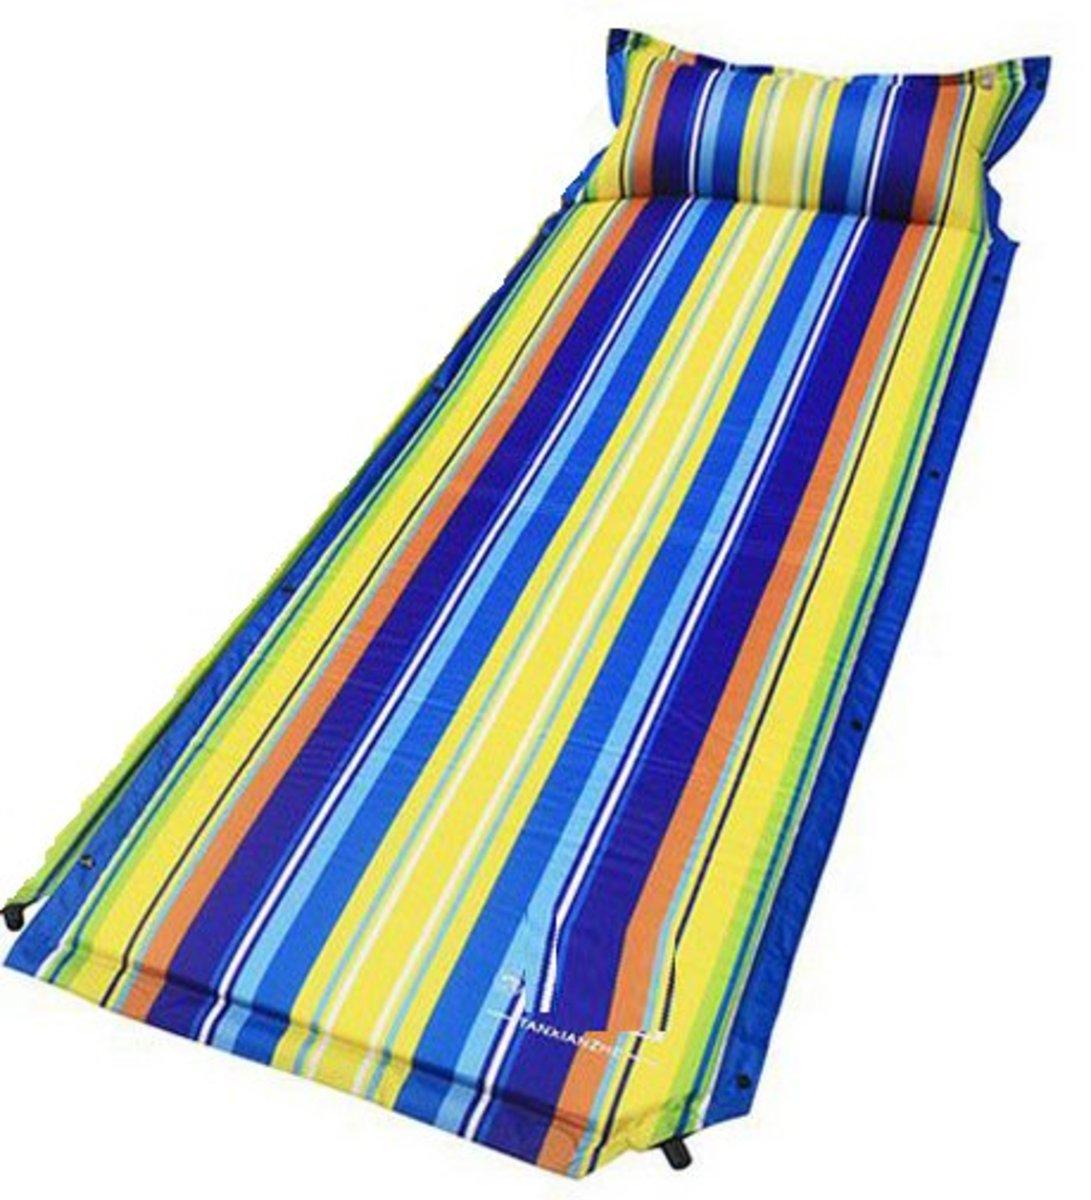 戶外露營可拼接充氣墊(192*65*3cm) 彩條紋-單人平板款